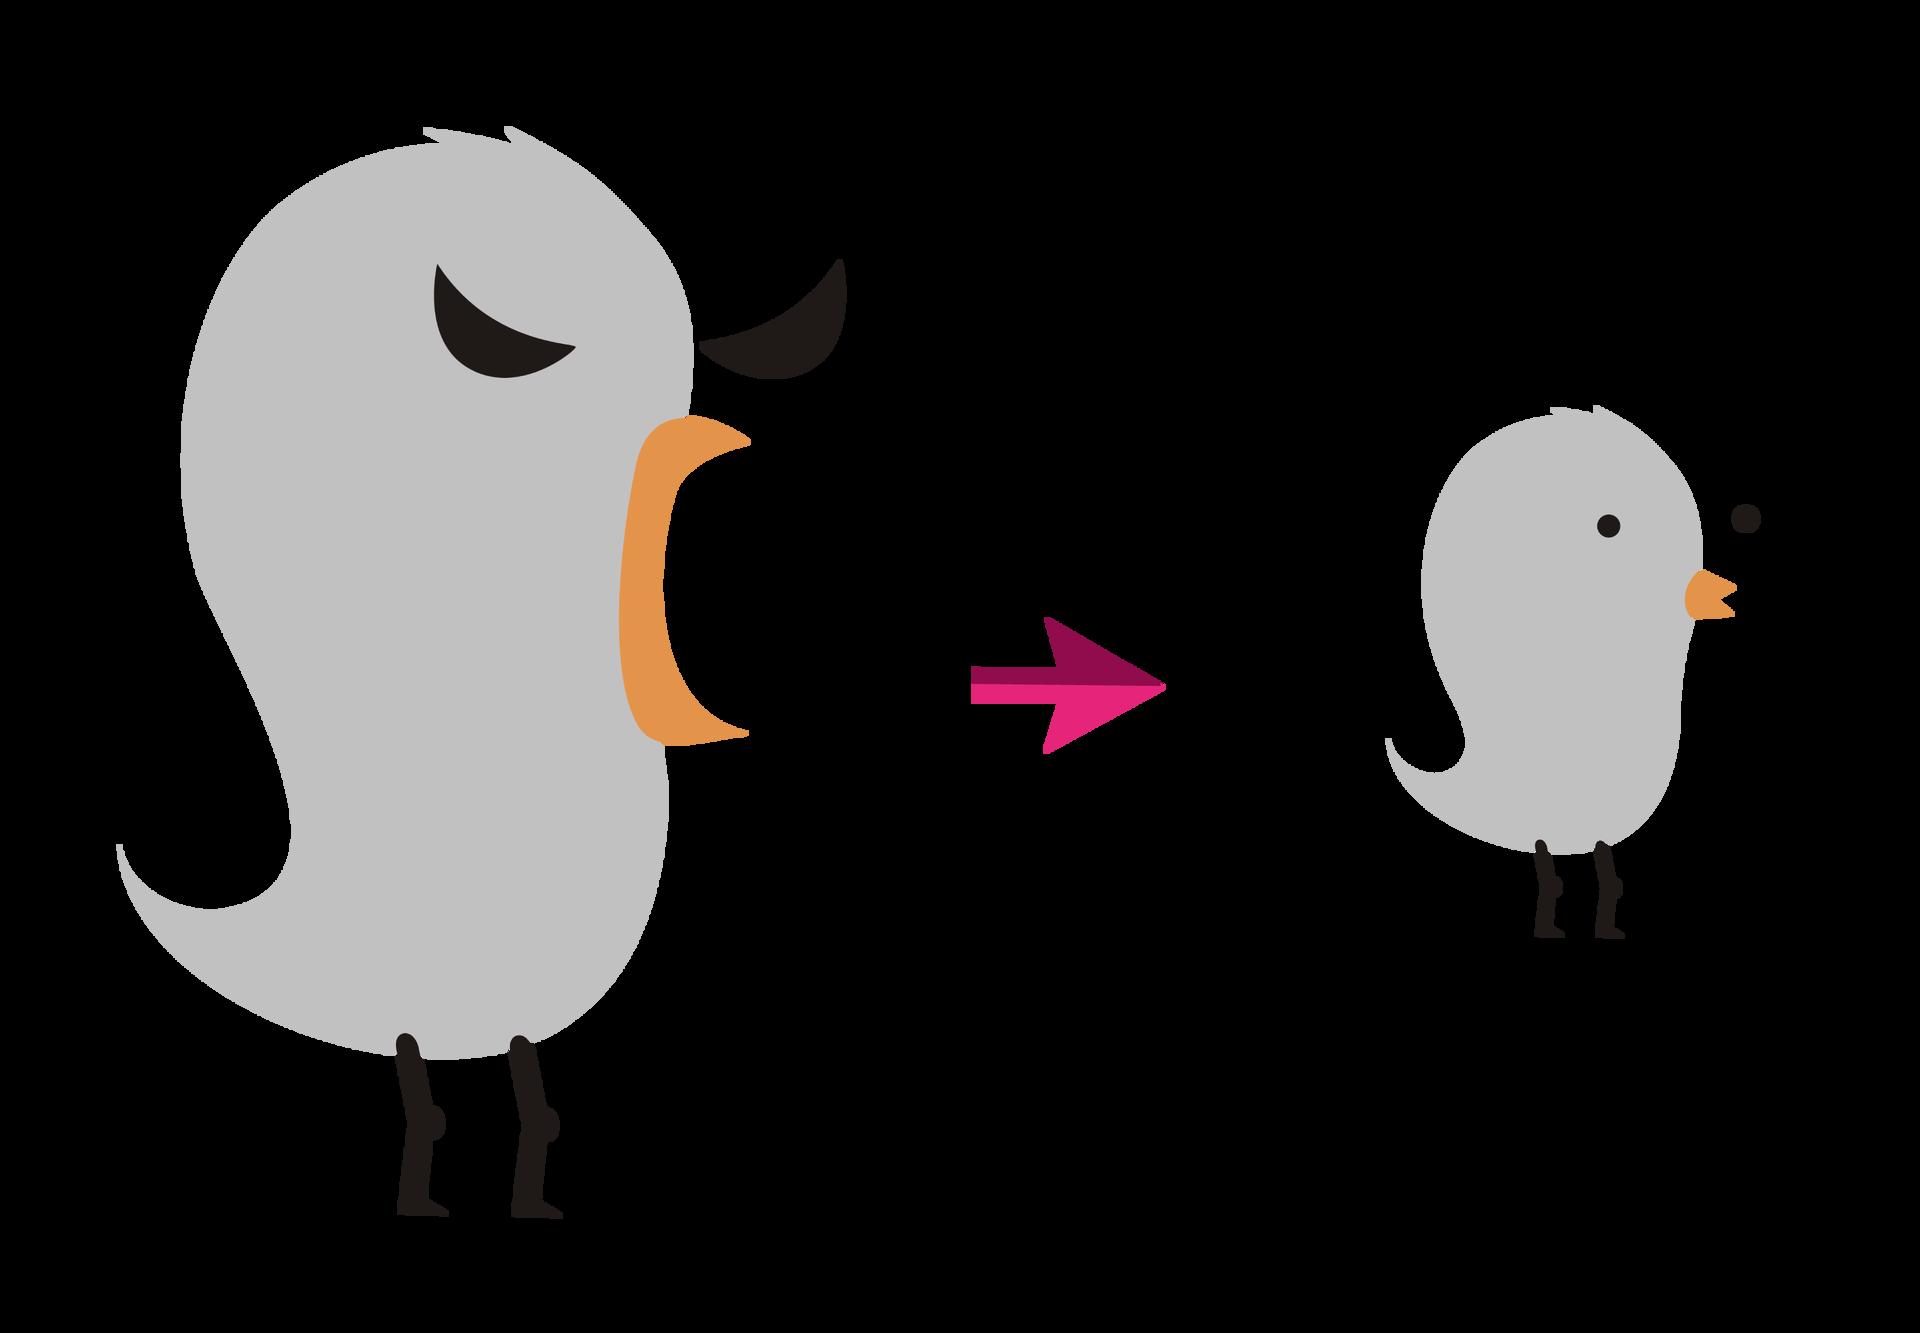 Rysunek - dwa ptaki - duży imały. Sa szare, mają pomarańczowe dzioby, czarne oczy inogi. Duży ma otwarty dziób przed którym jest strzałka wkierunku małego ptaka.